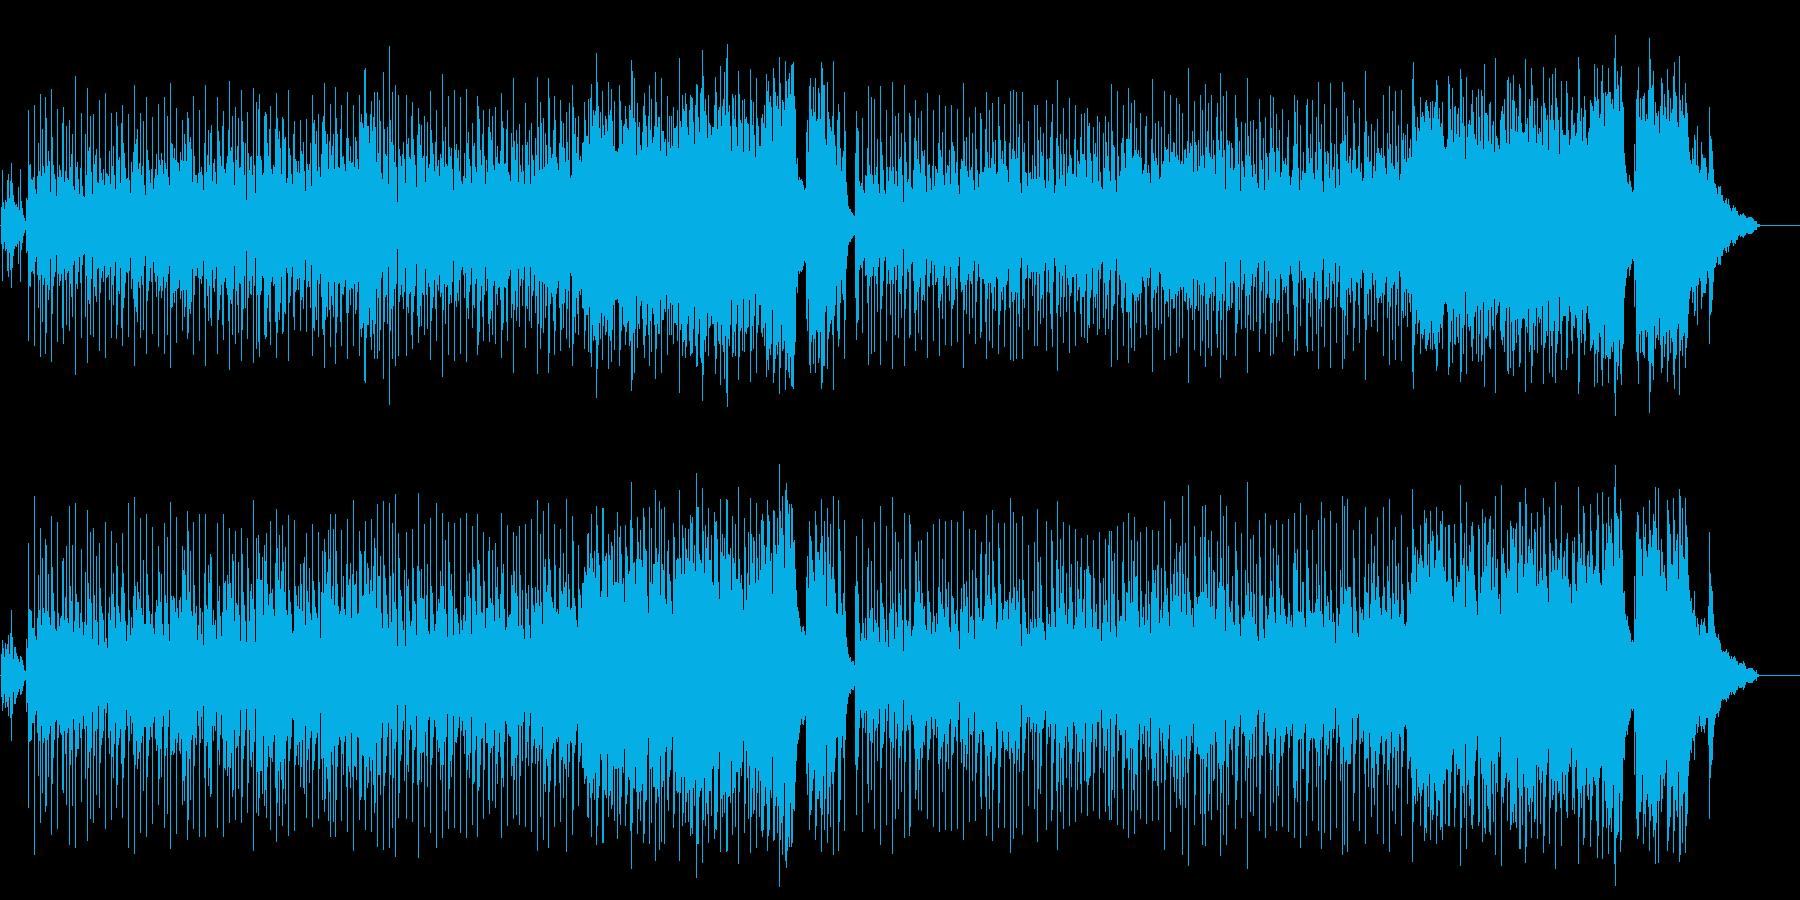 ハネムーンVTR向け愛のポップ/バラードの再生済みの波形